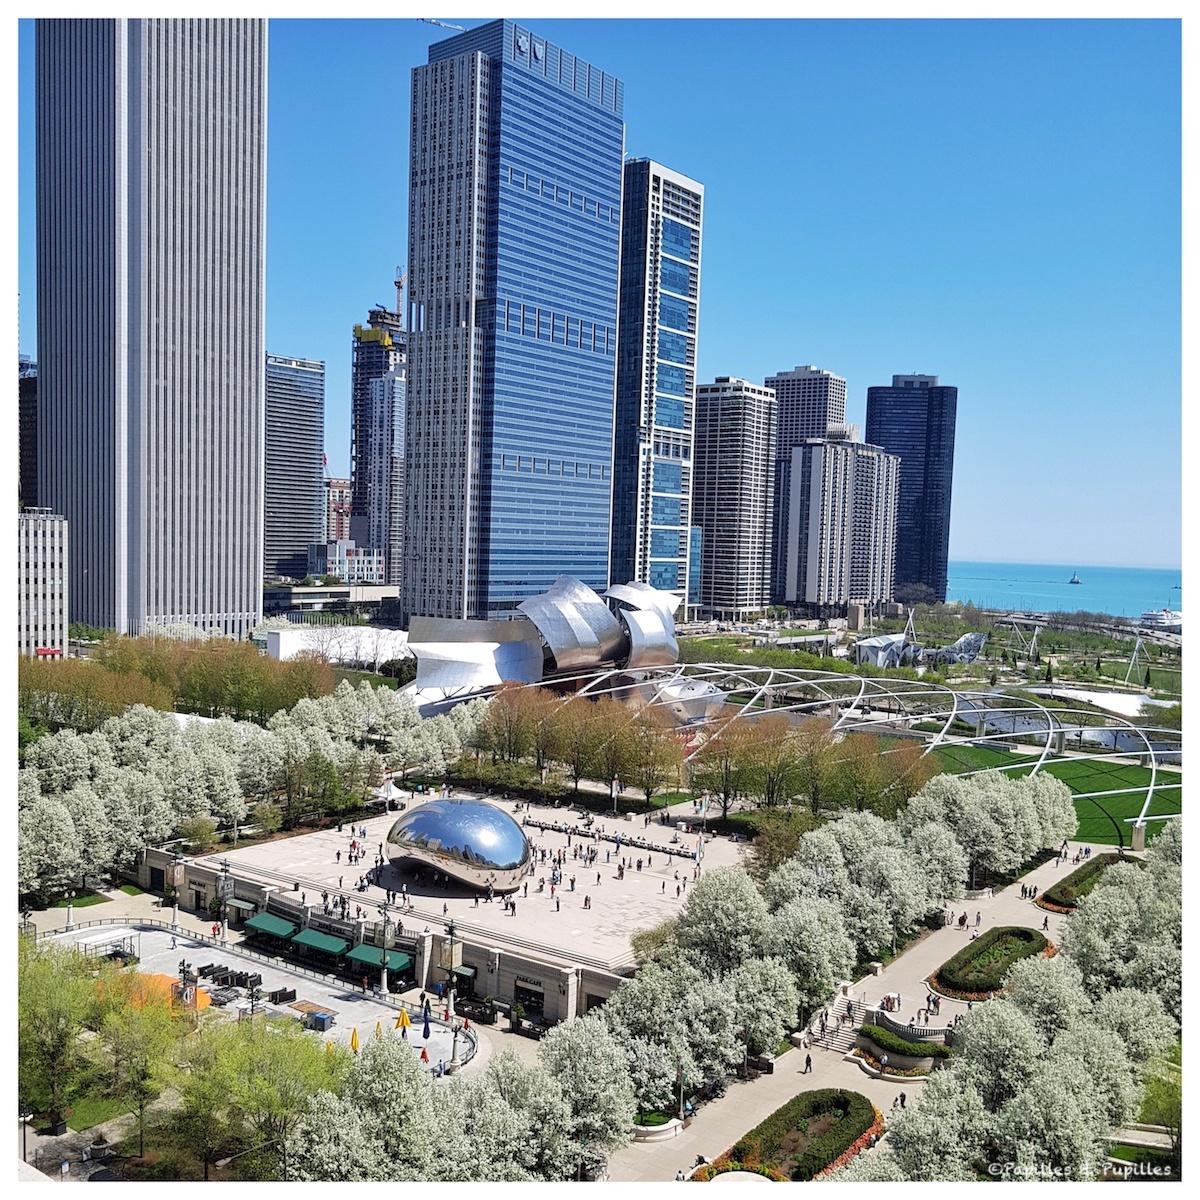 Vue sur The Bean et le Millenium Park depuis Cindy's rooftop